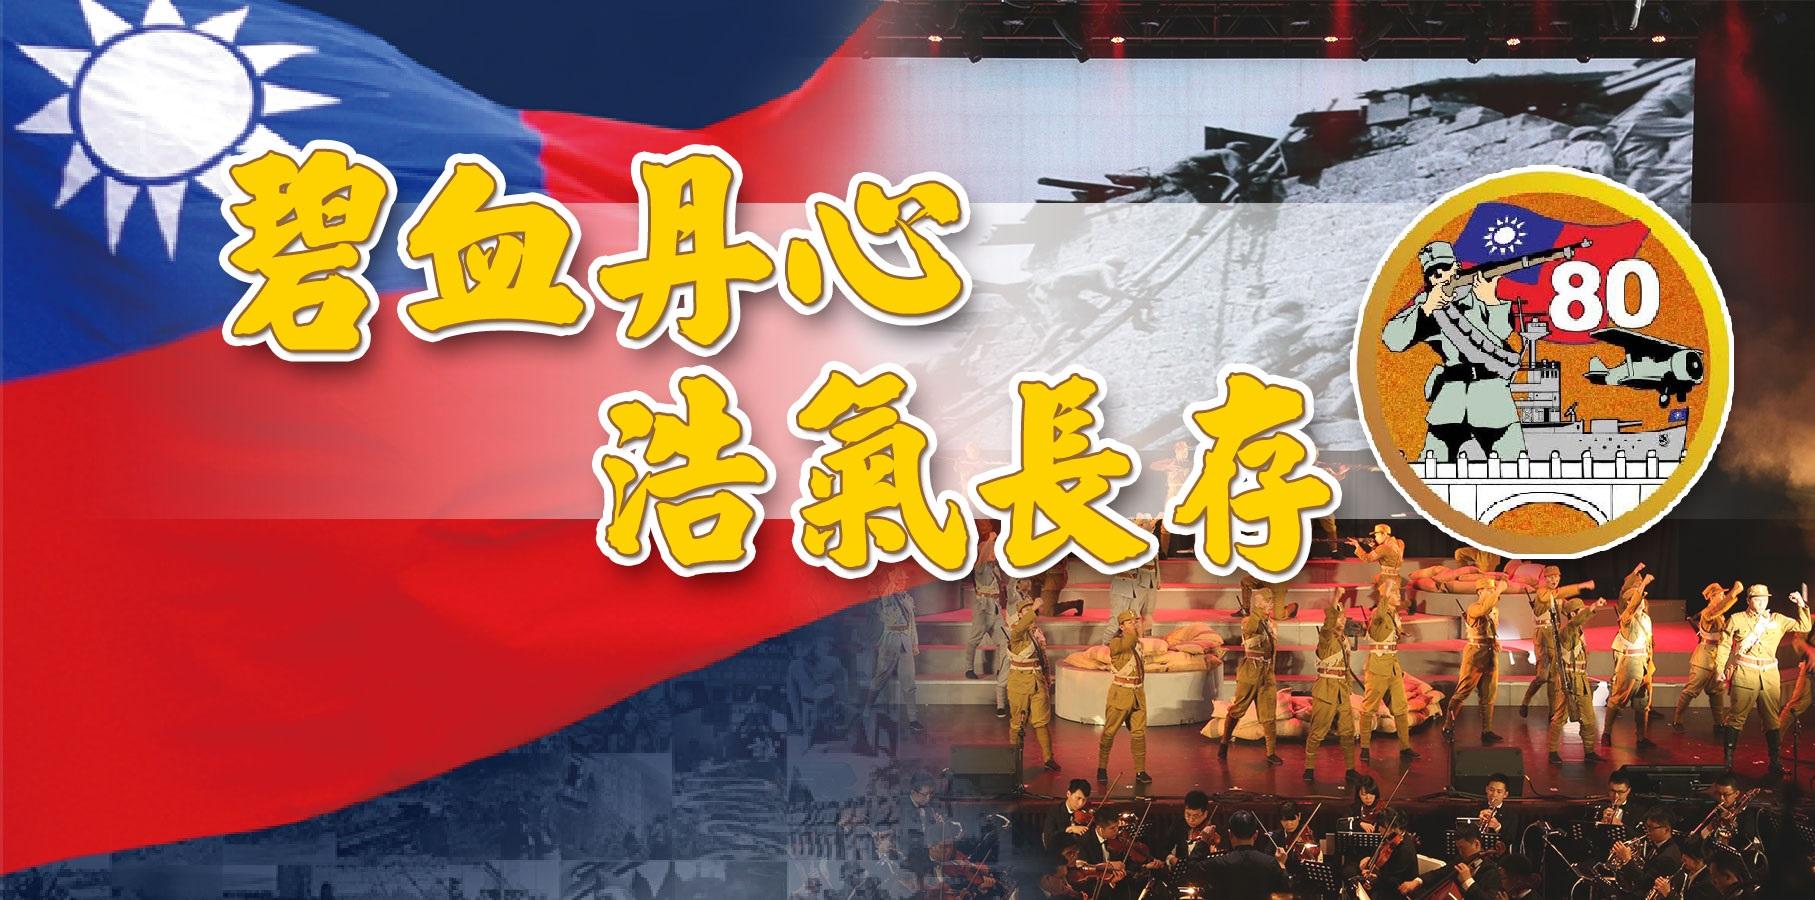 國防部「碧血丹心,浩氣長存」紀念七七抗戰80週年系列活動